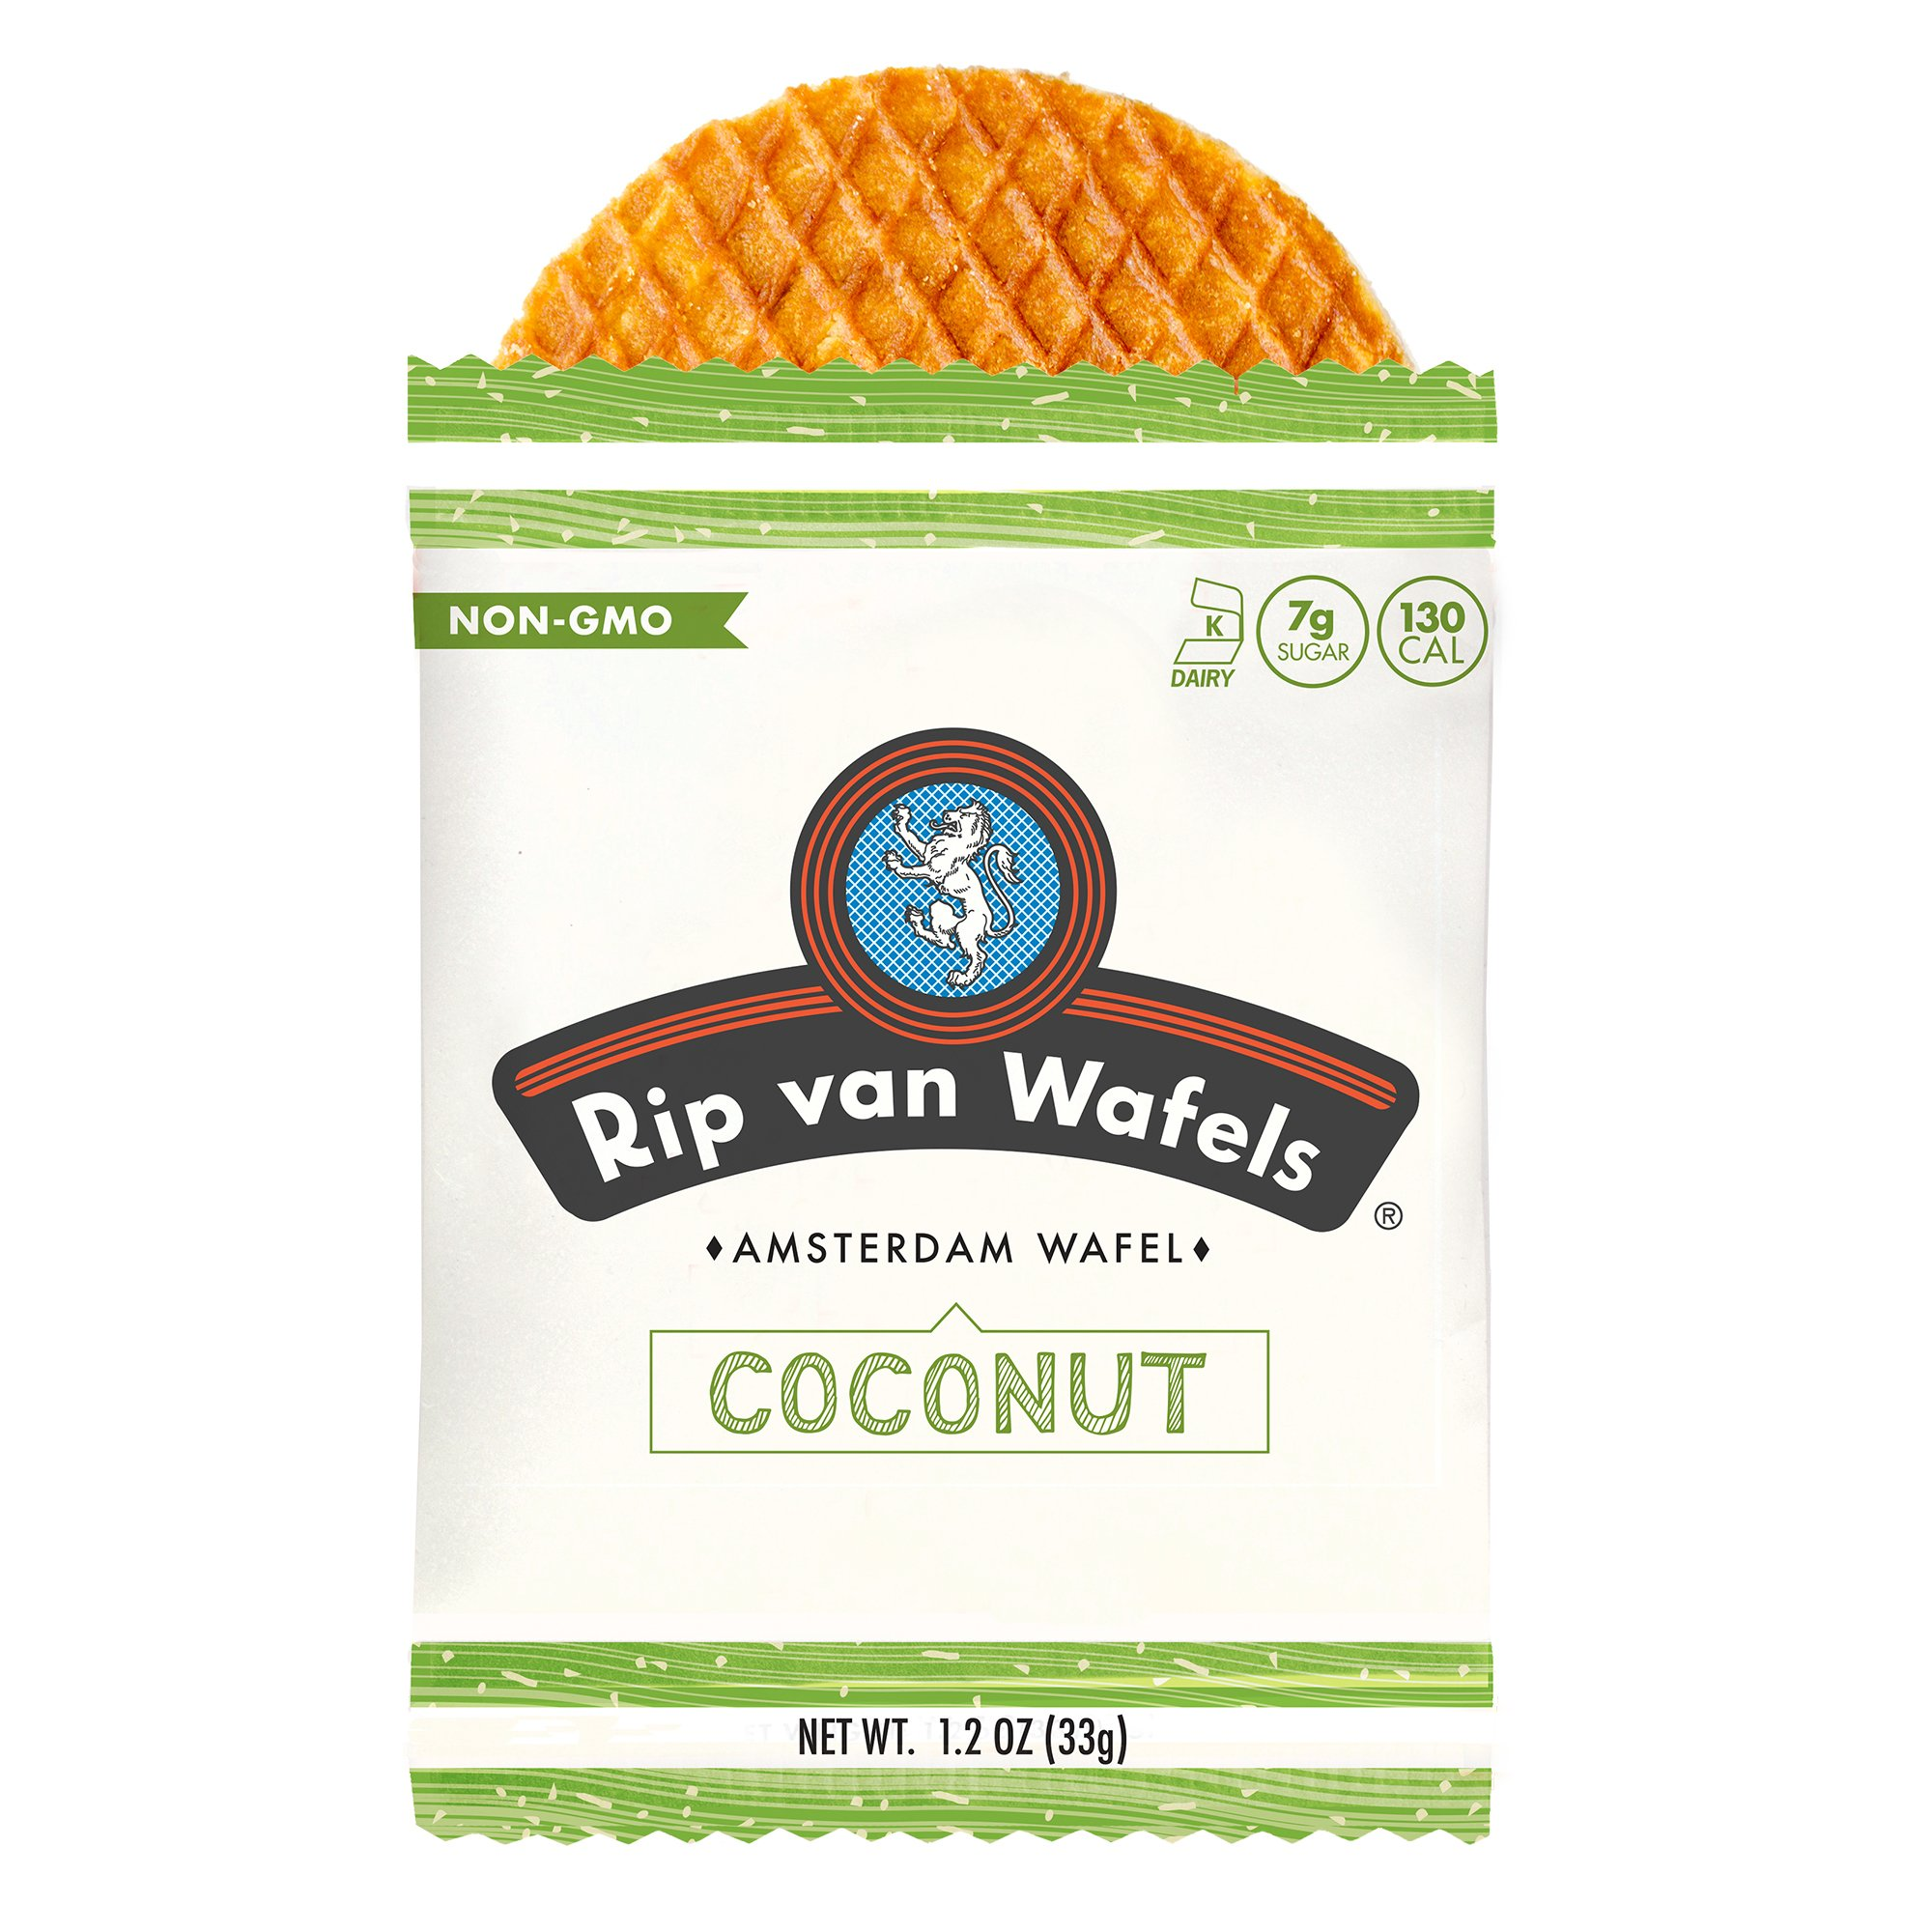 Rip Van Wafels Snack Wafels, Coconut, 1.2oz, 16 Count